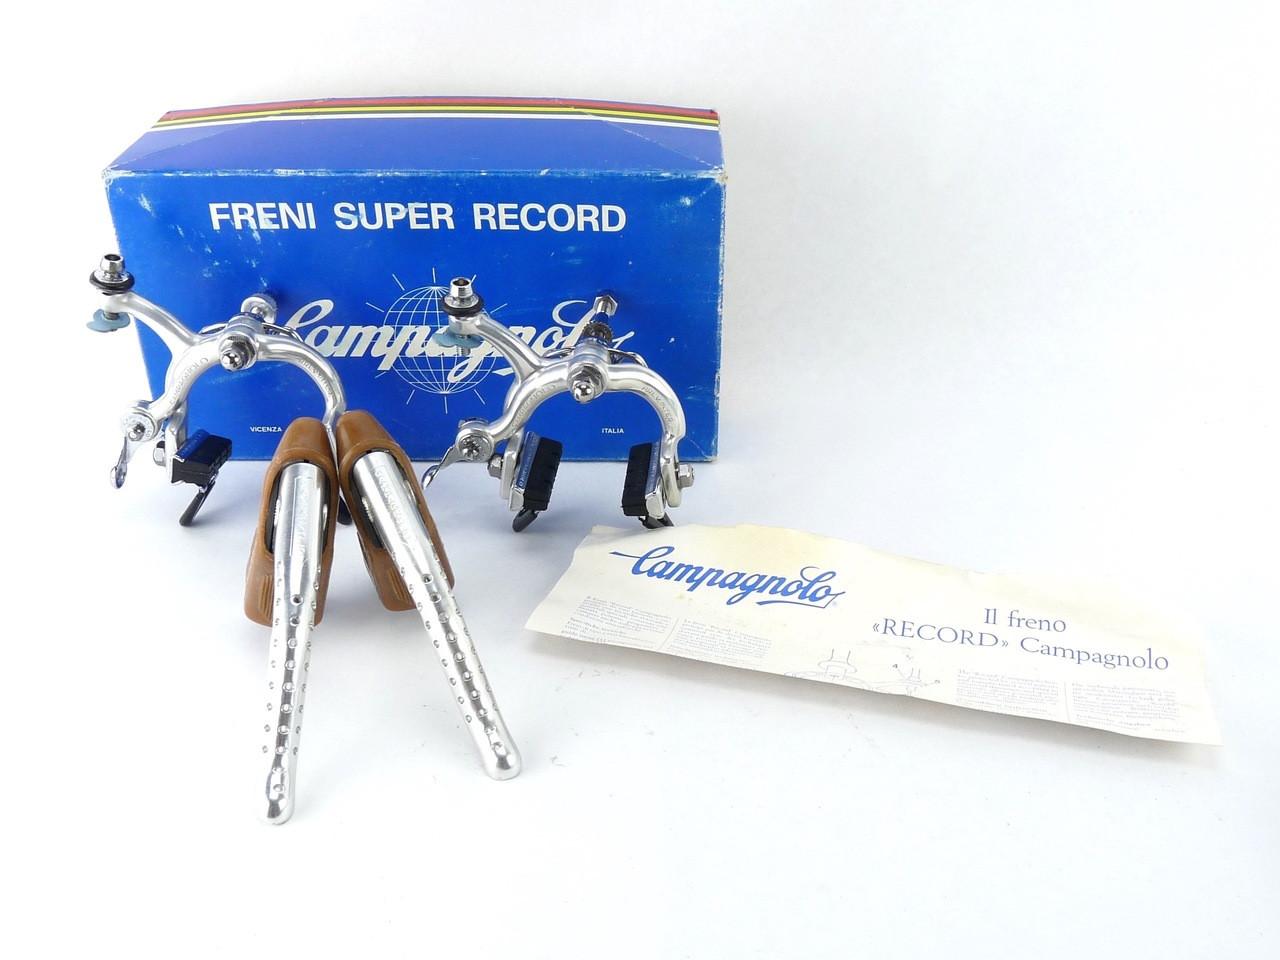 Campagnolo Super Record Brake set